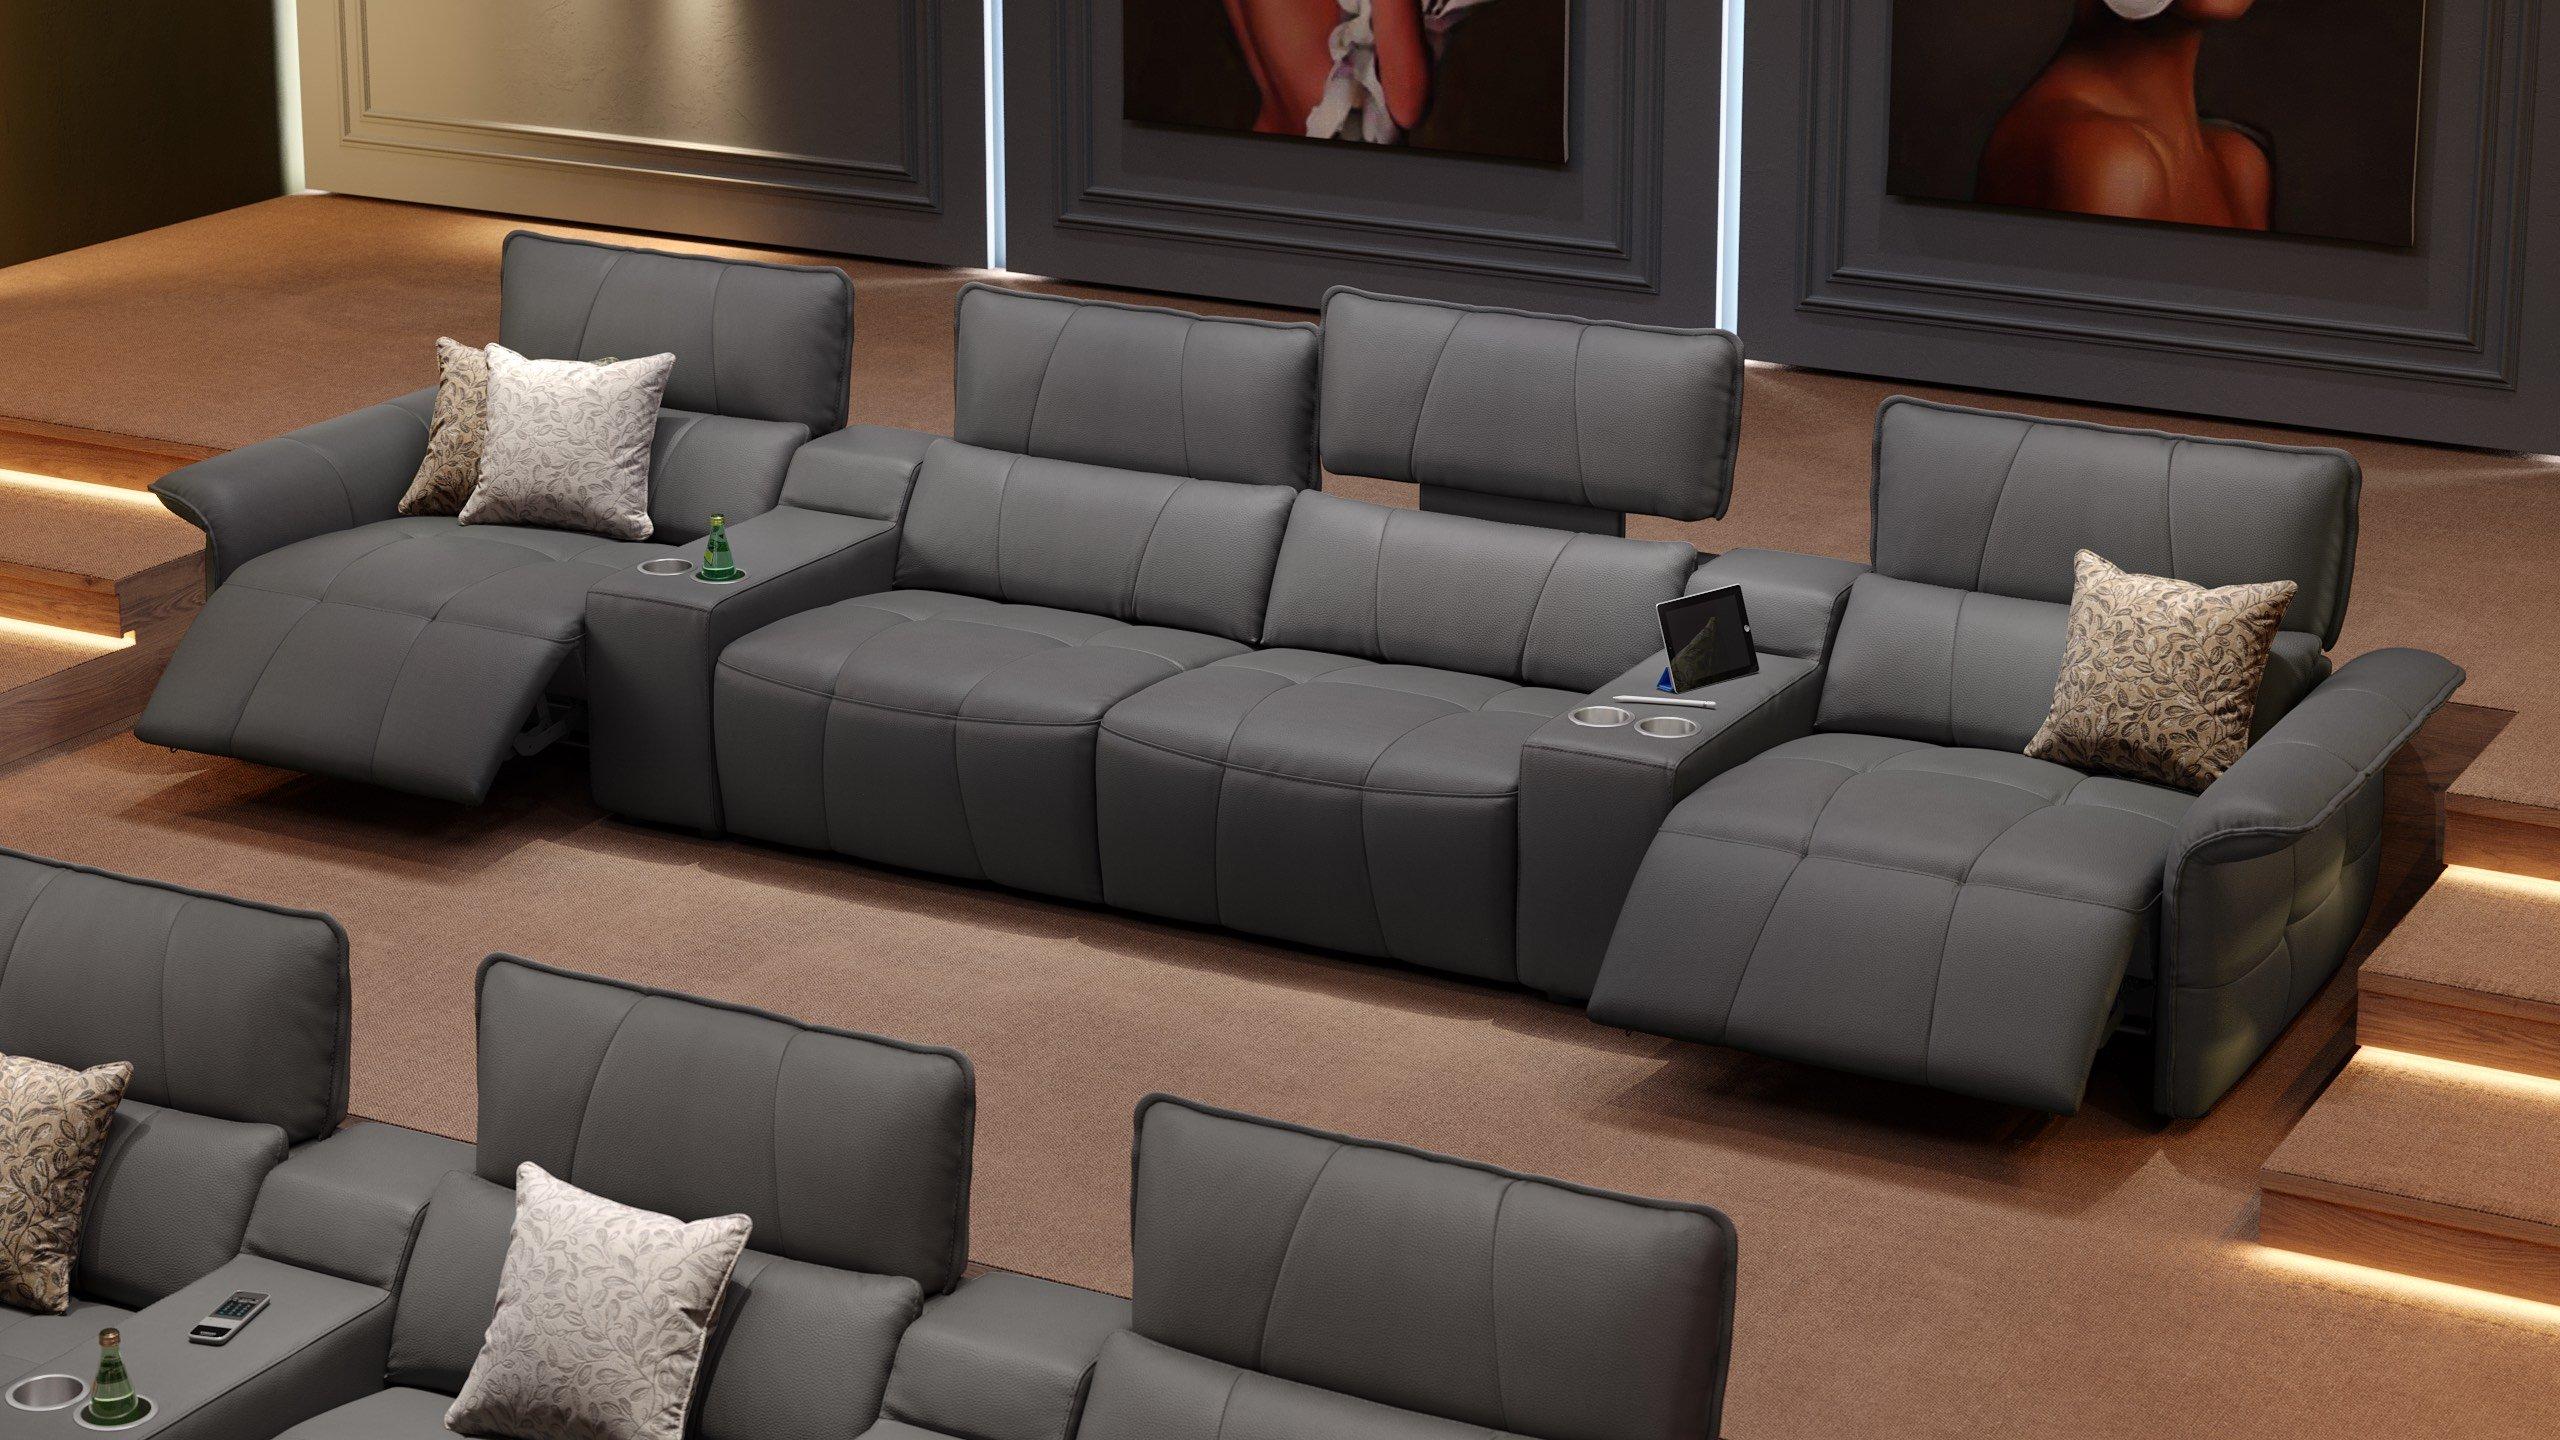 Leder 4-Sitzer Kinosofa mit zwei Mittelkonsolen ADRIA